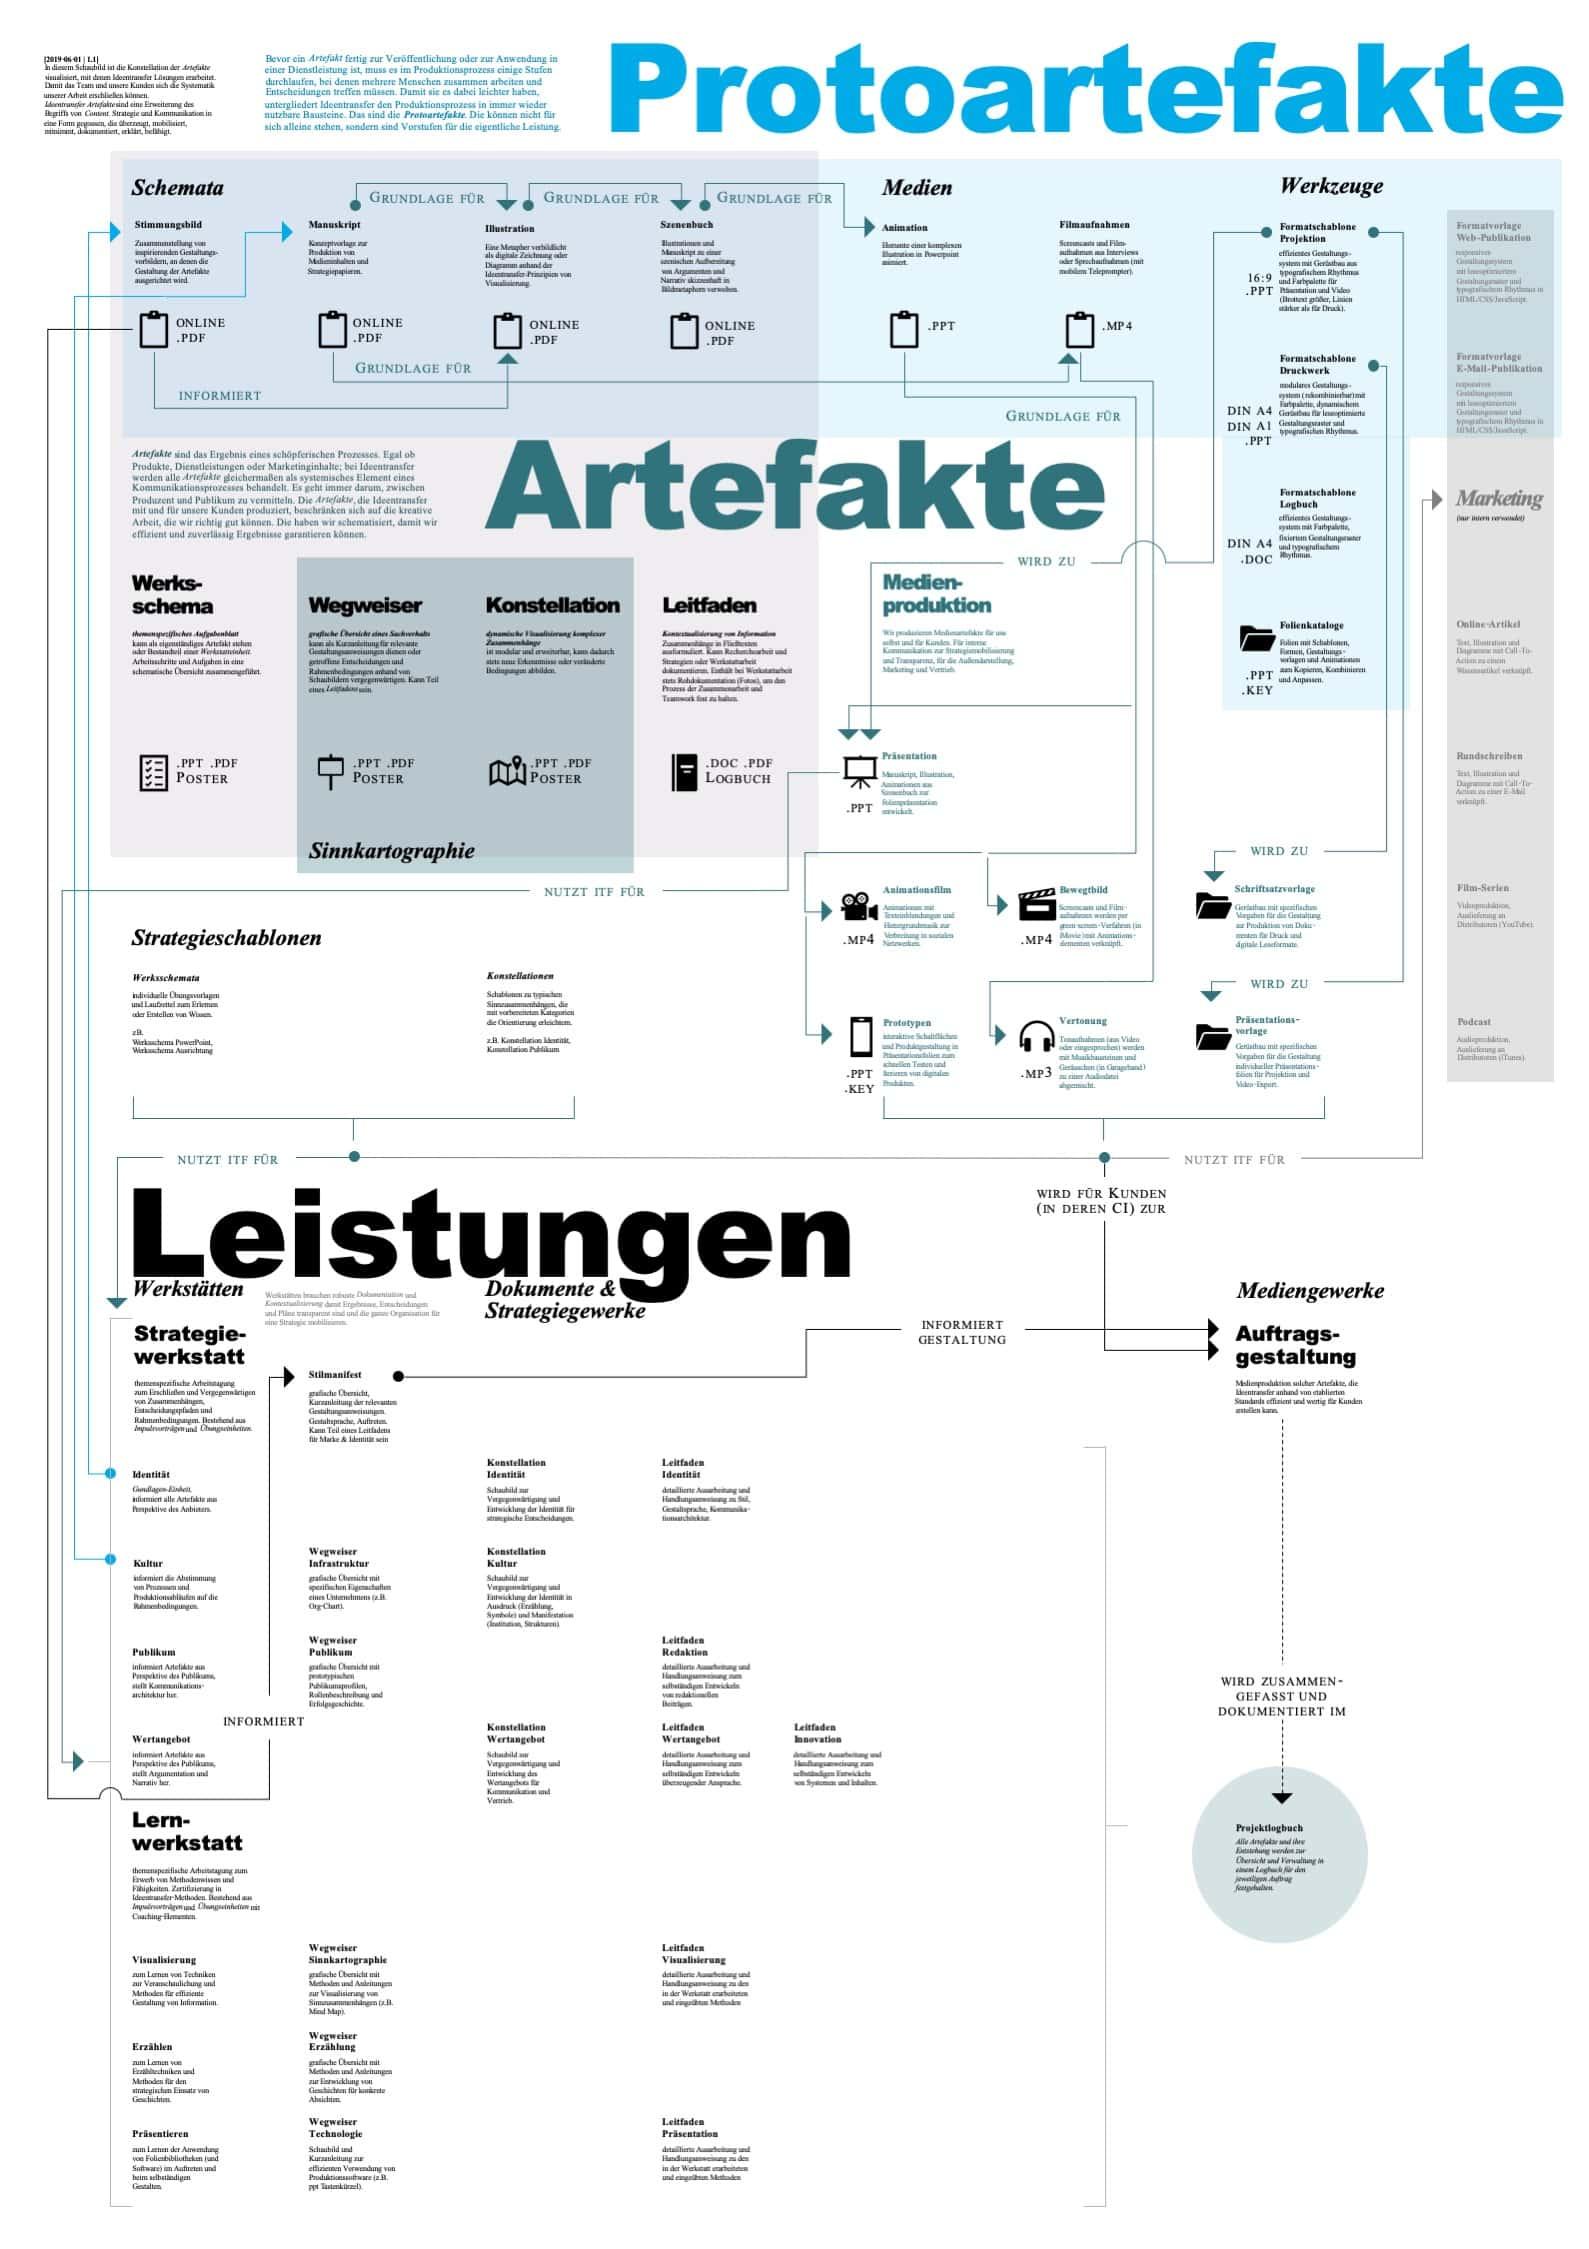 Deckblatt Präsentationsartefakte Infografik